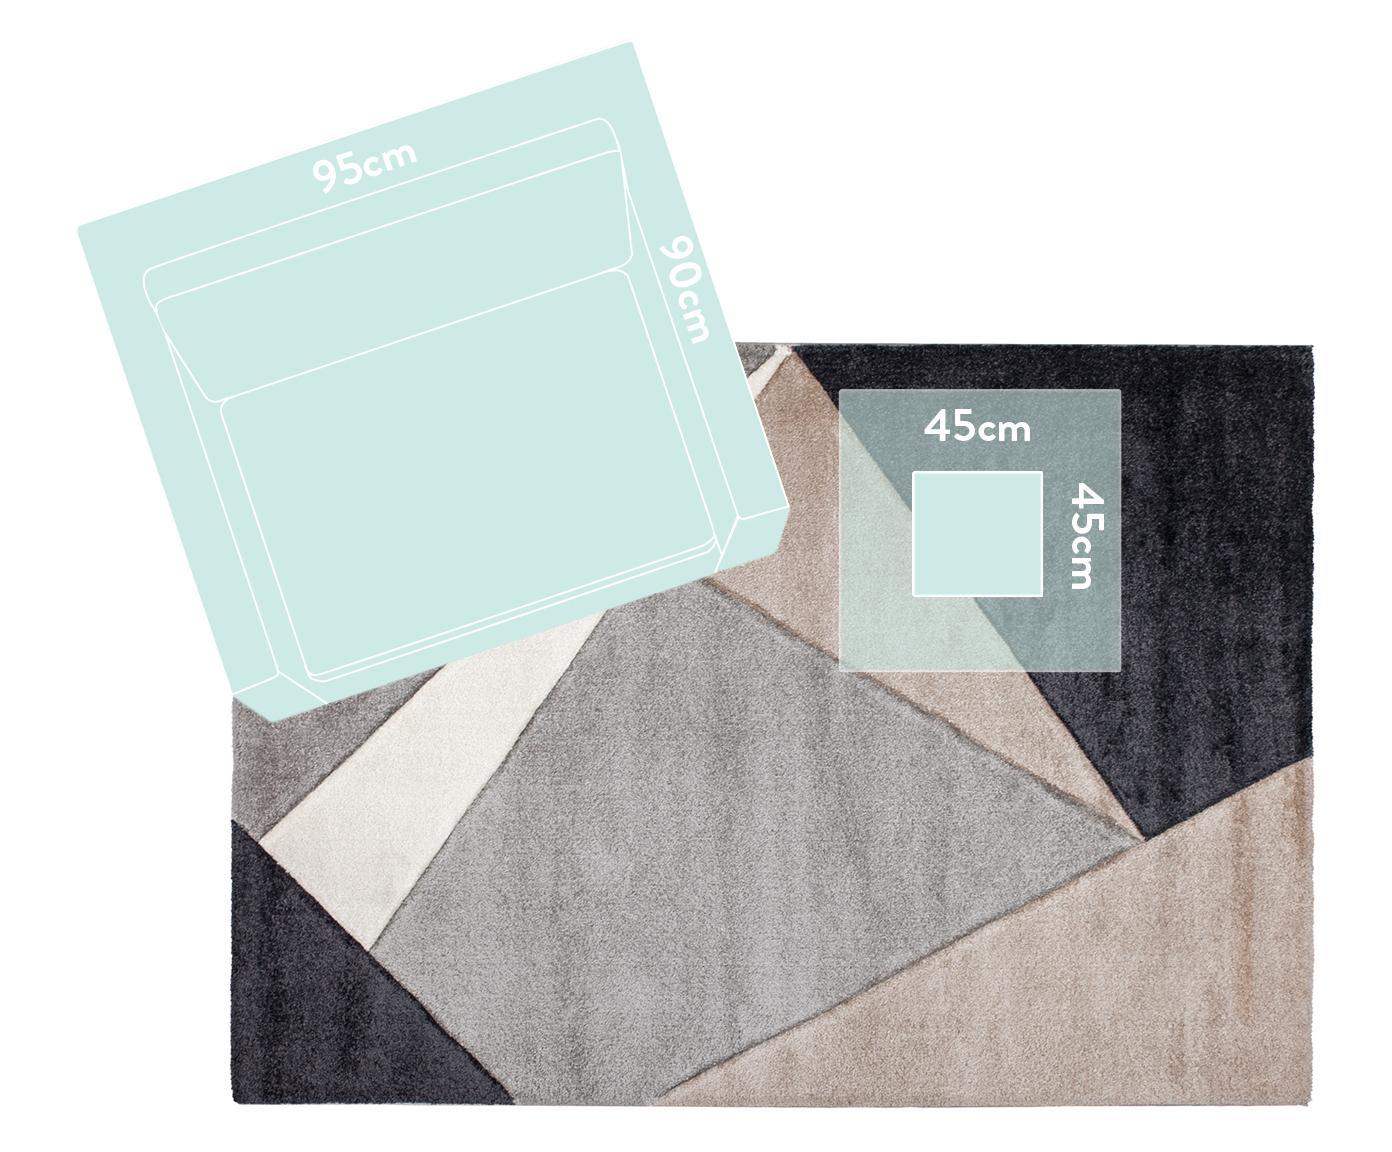 Teppich My Broadway mit geometrischem Muster in Beige-Grau, Flor: 100% Polypropylen, Taupe, Beige, Anthrazit, Grau, B 200 x L 290 cm (Größe L)